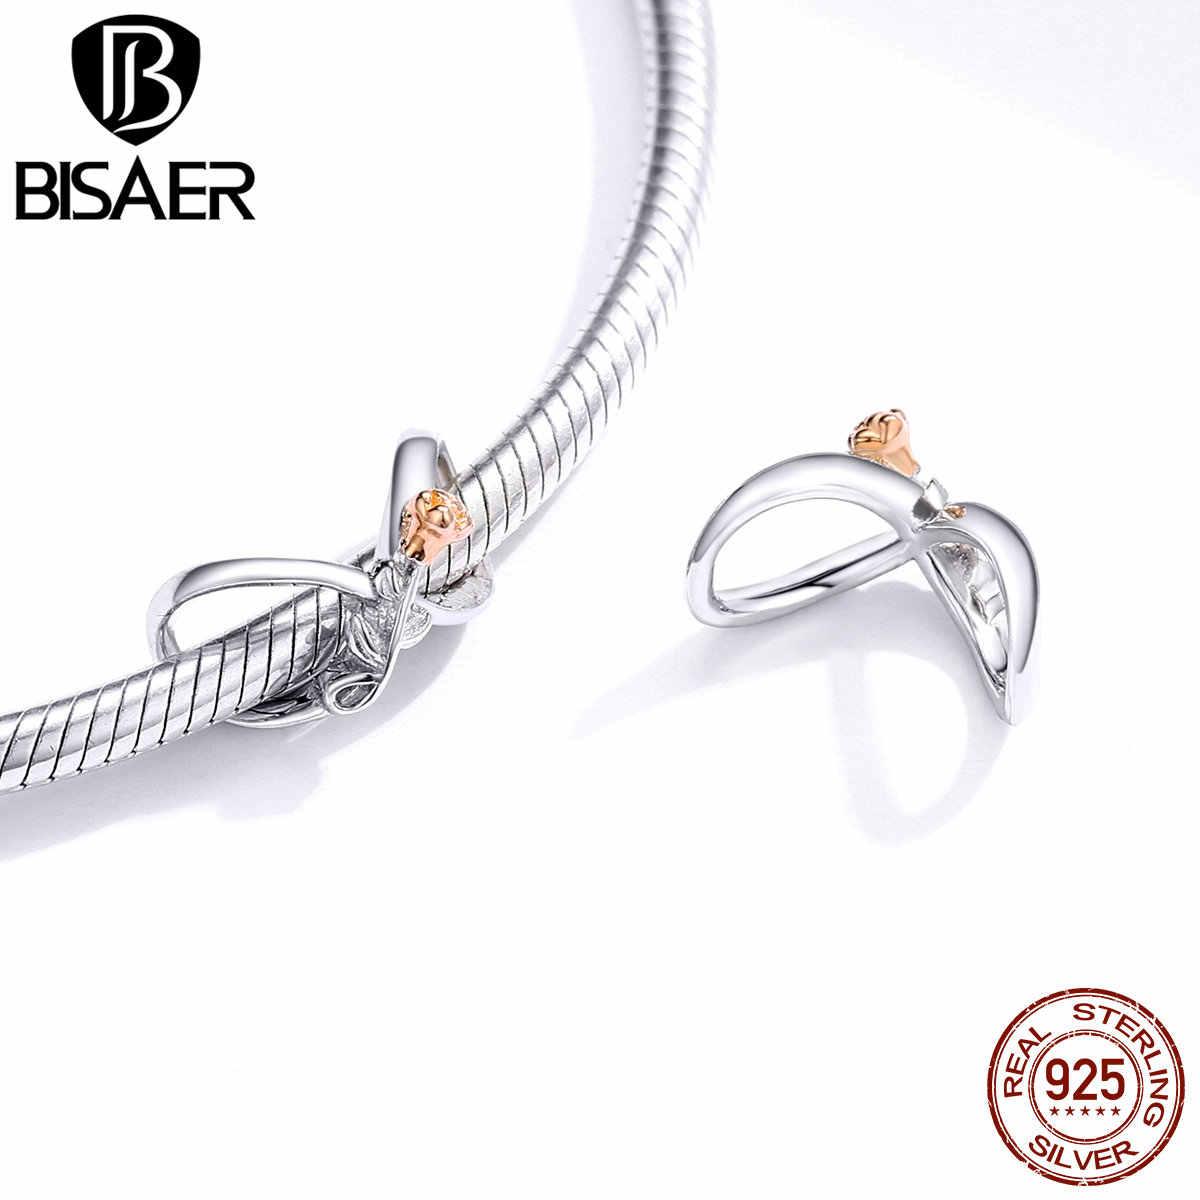 Bisaer infinity amor encantos 925 prata esterlina rosa flor pingente contas para diy pulseira colar jóias acessórios ecc1463